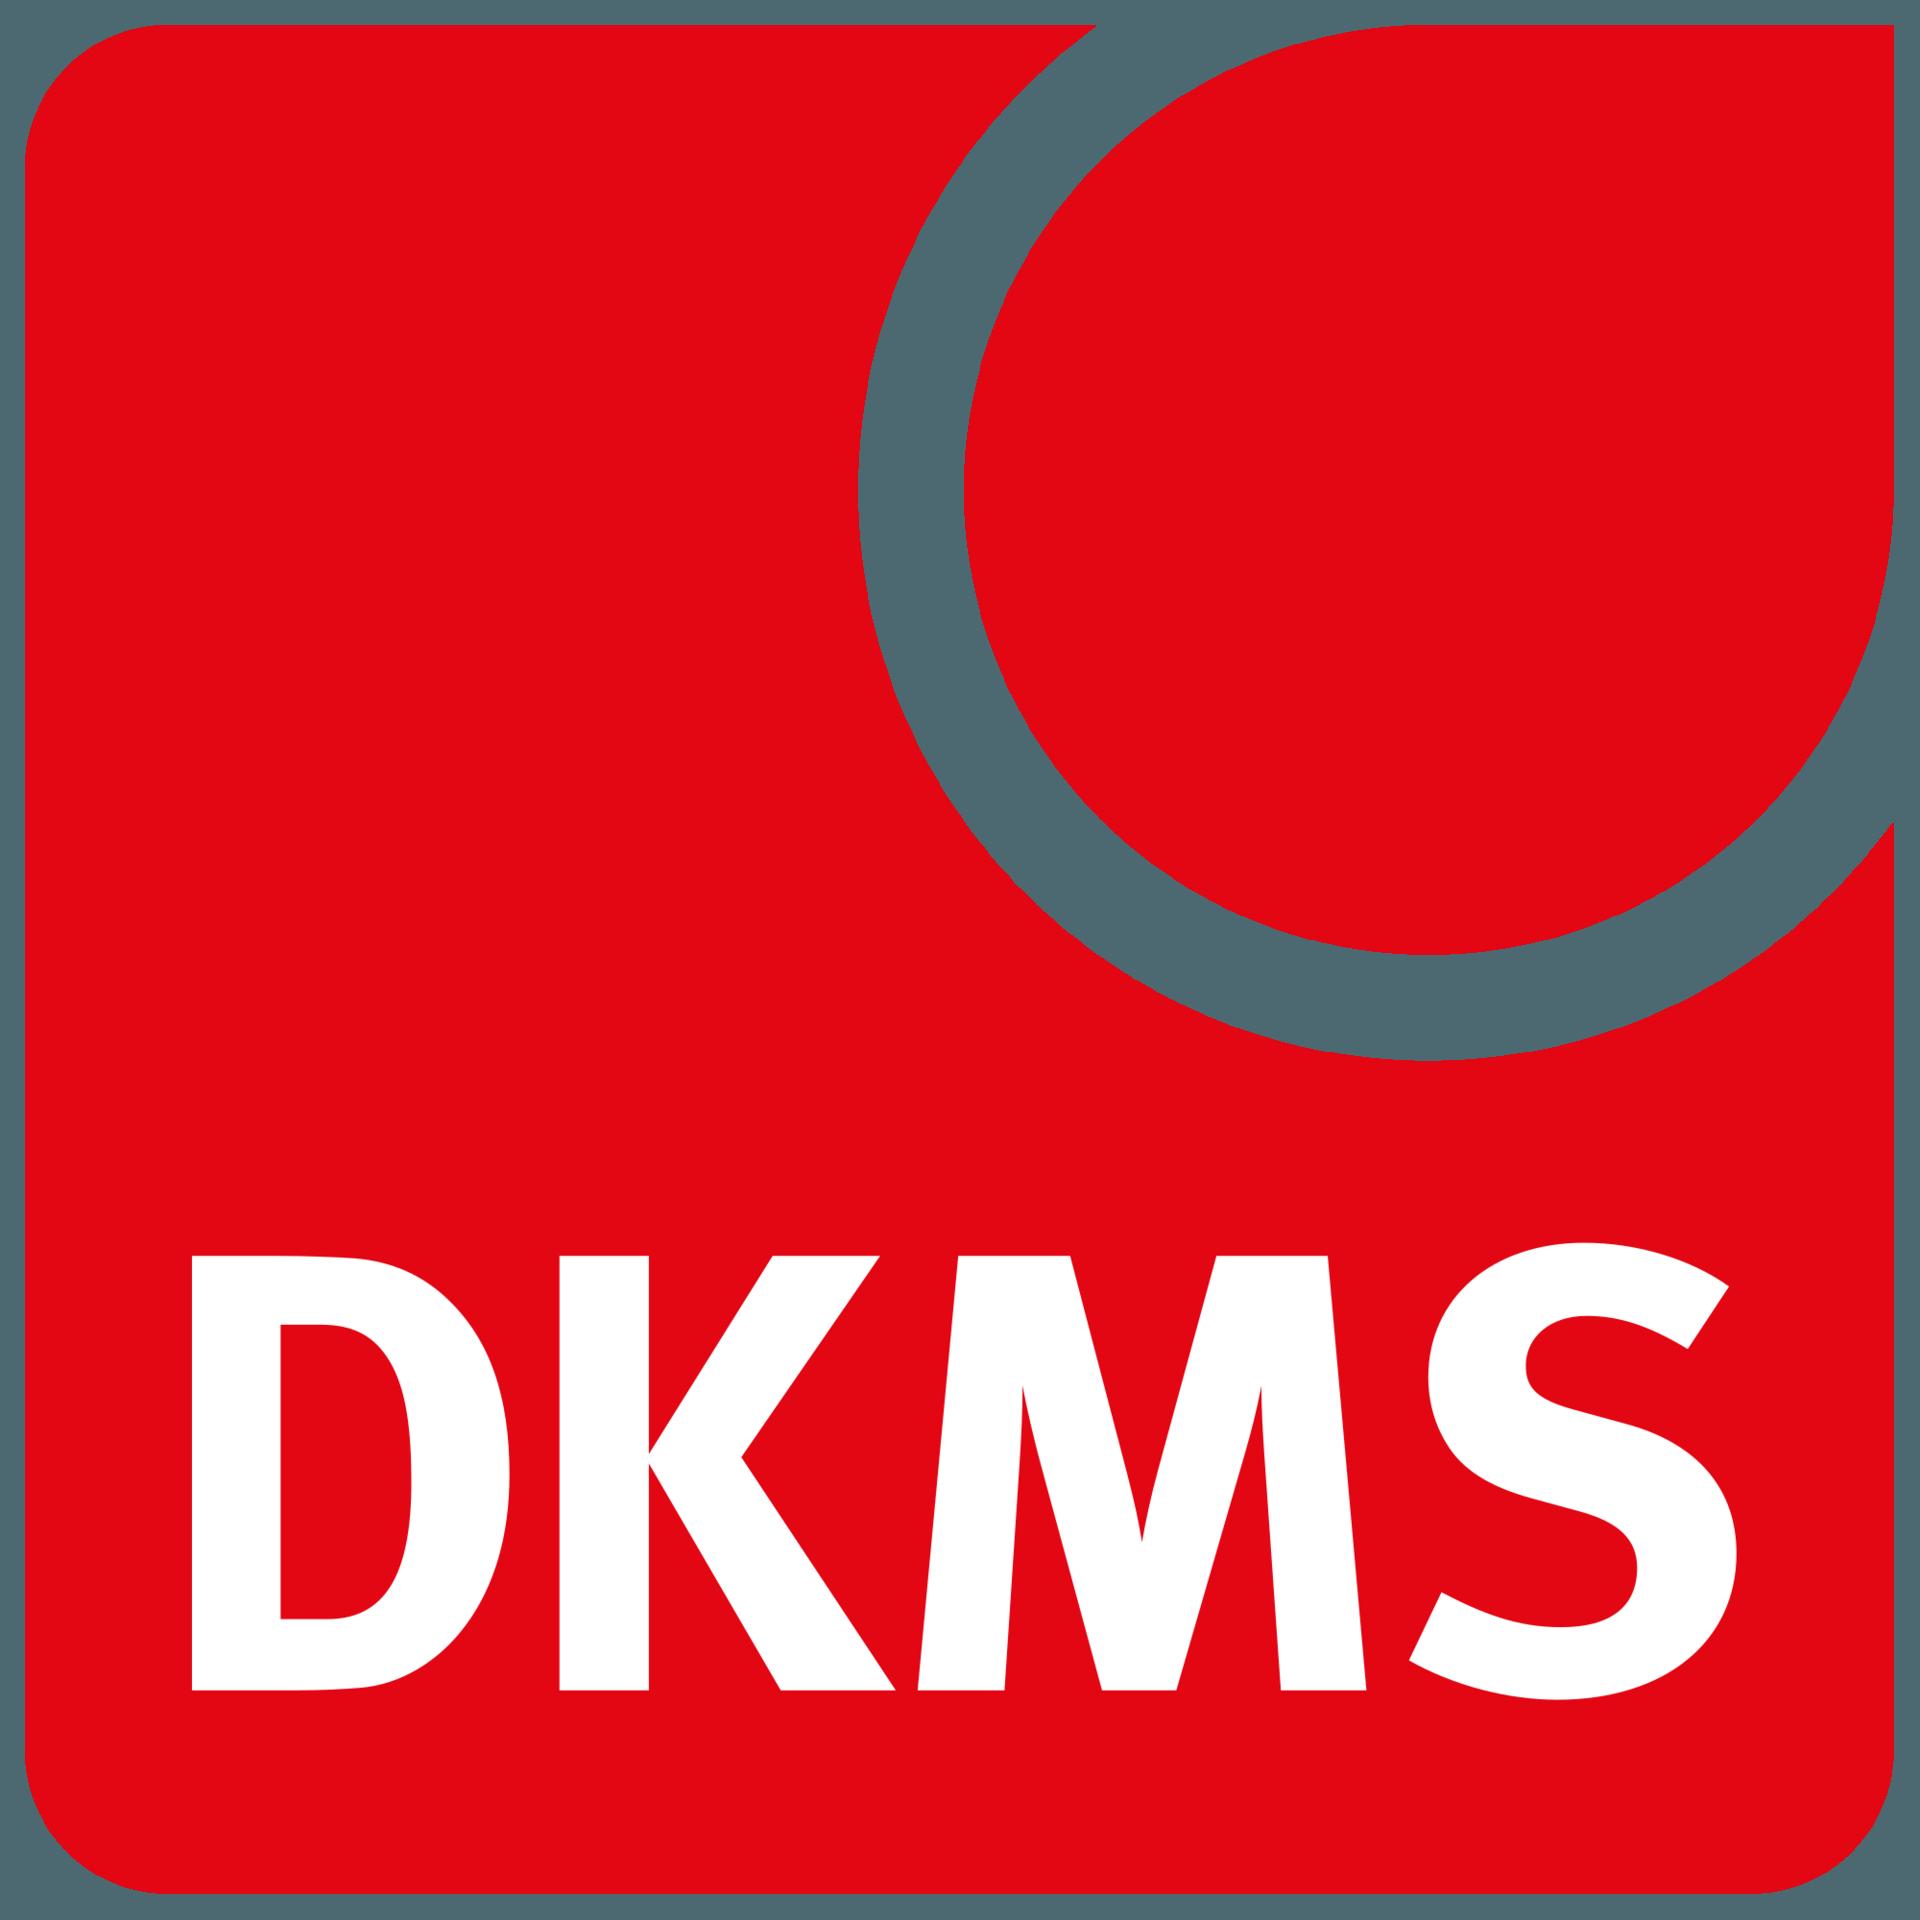 http://prografix.pl/wp-content/uploads/2019/01/DKMS.png